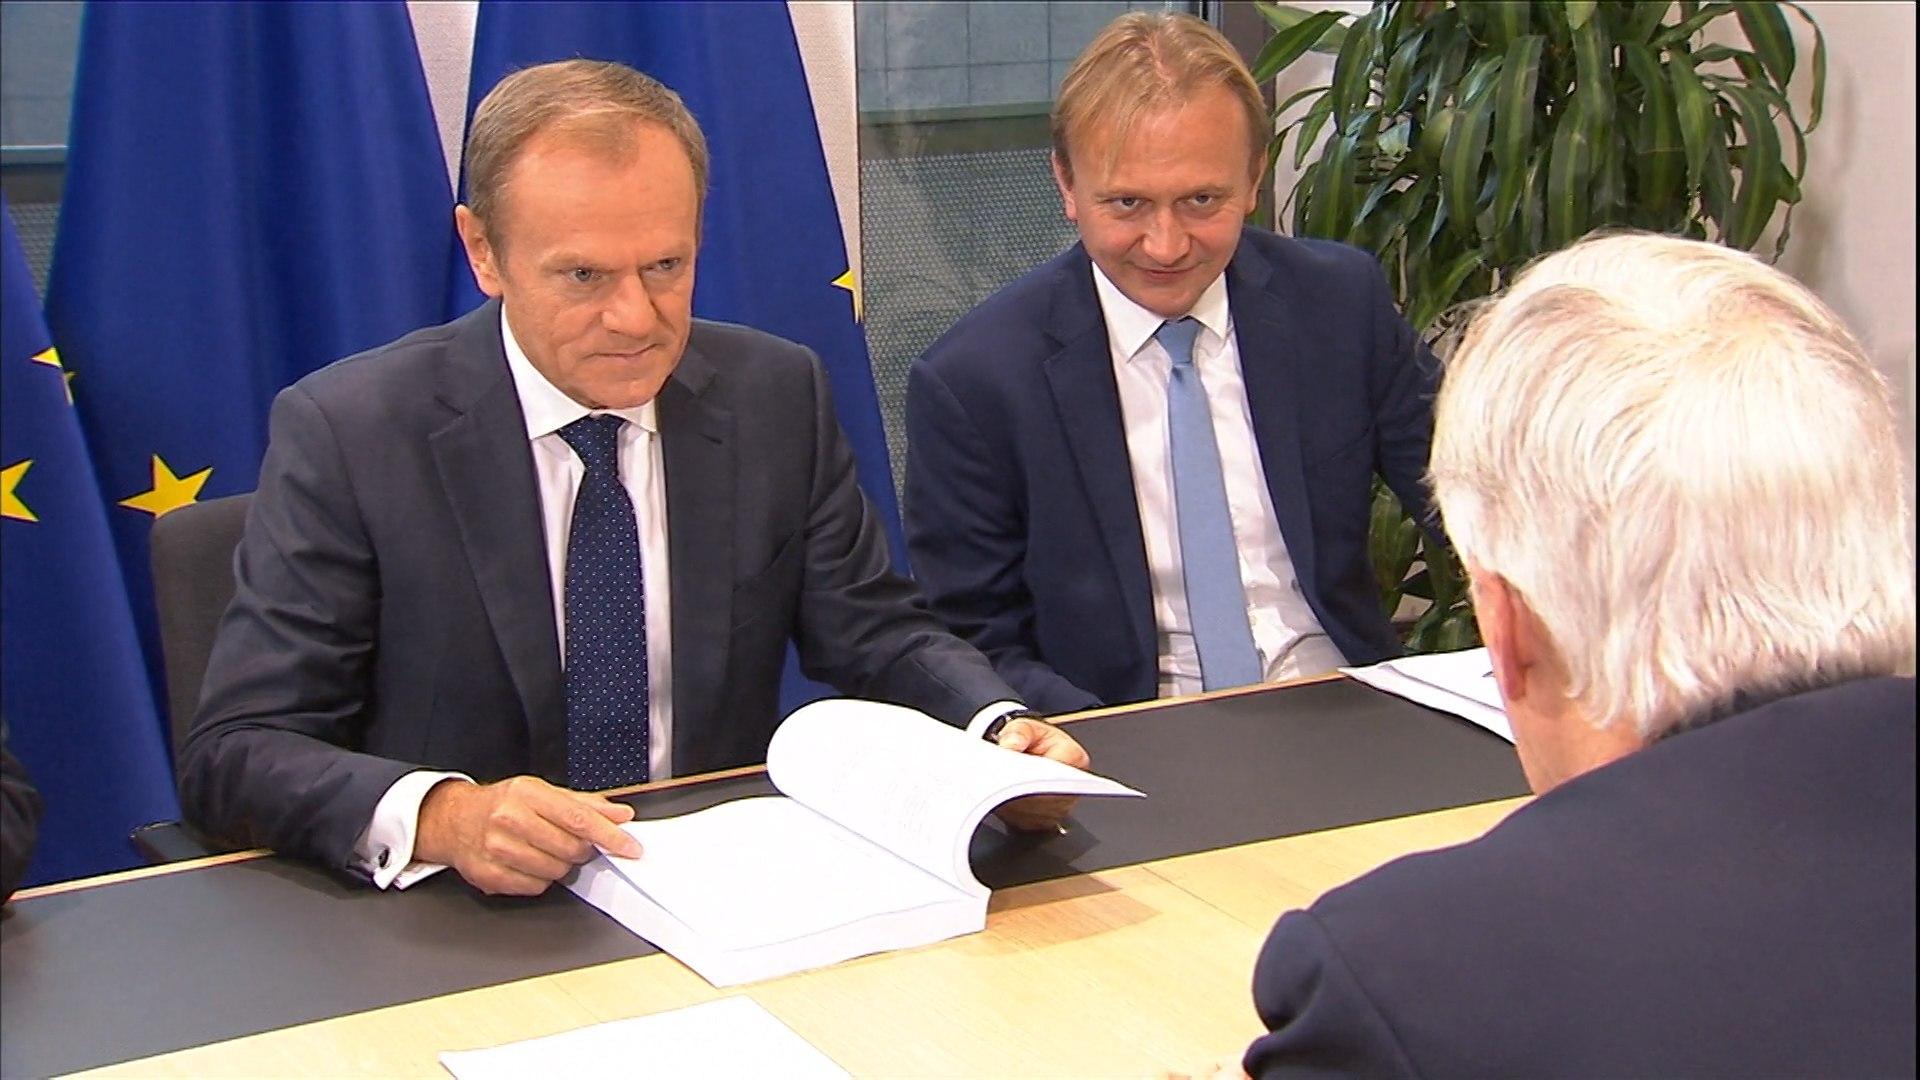 Reunión de Tusk con Barnier para las negociaciones del Brexit